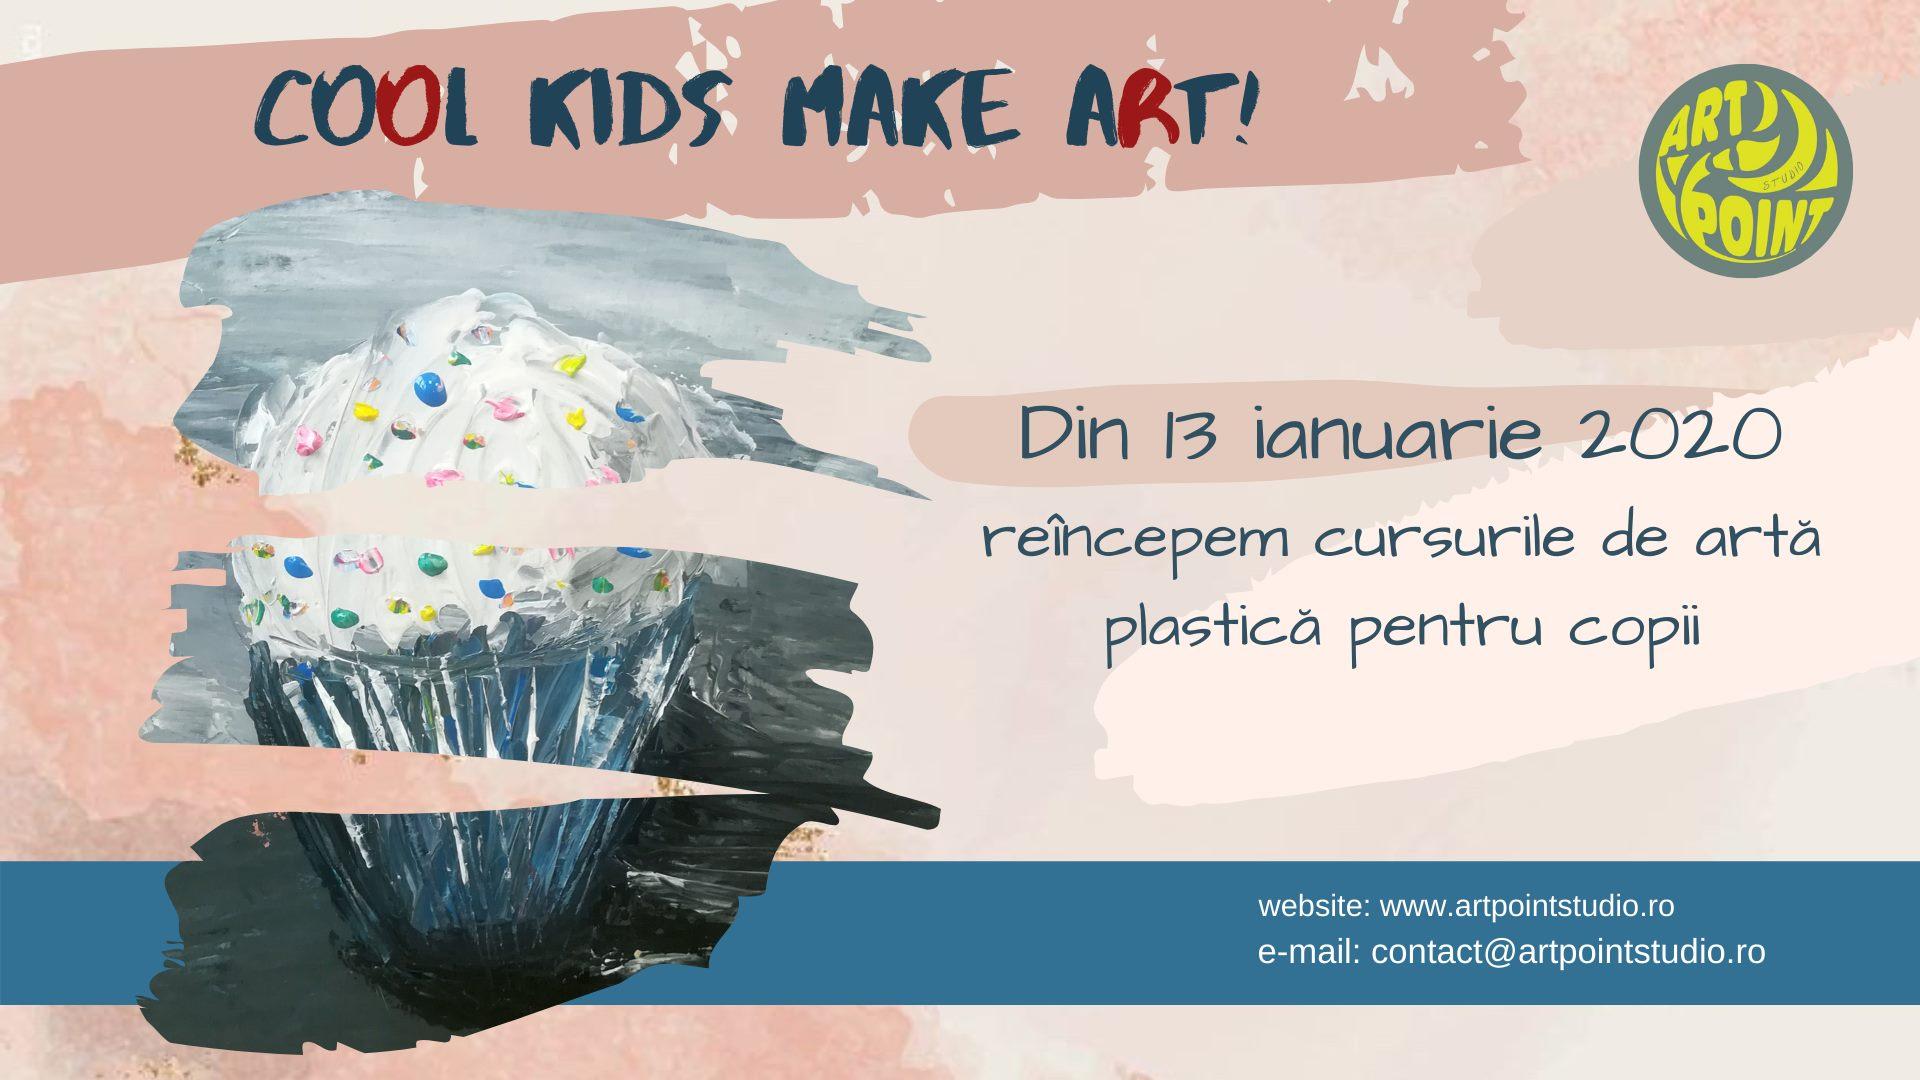 Cool Kids make ART! Cursuri de artă plastică copii